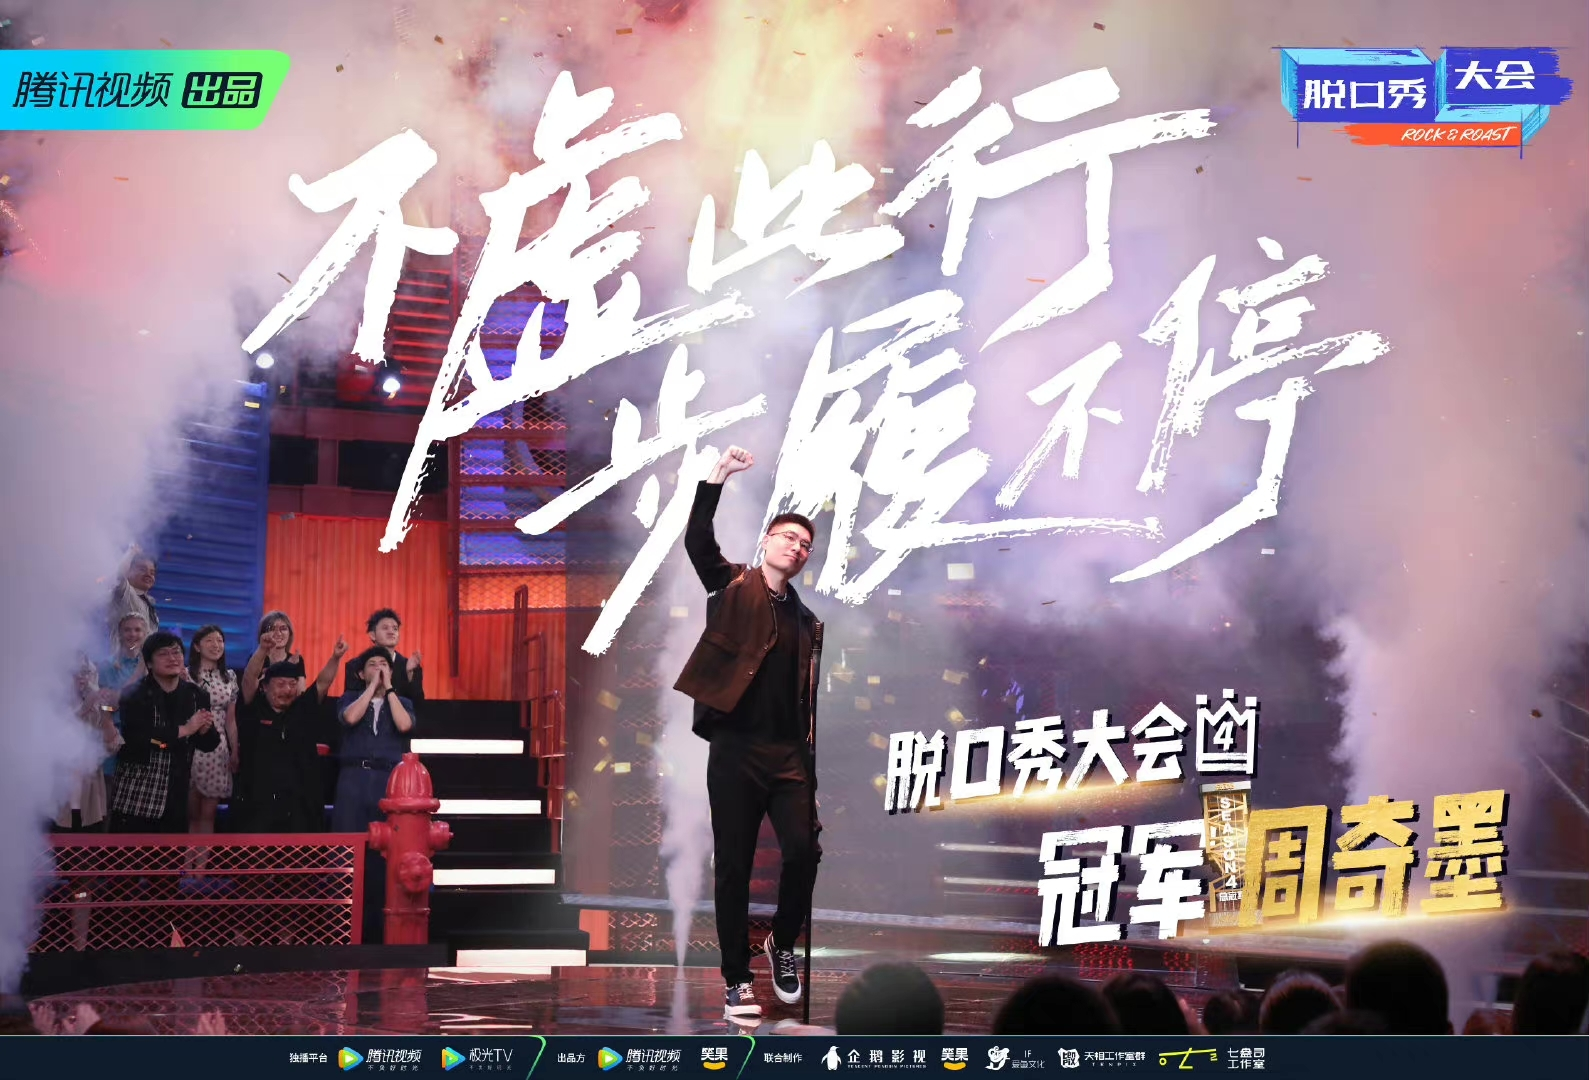 周奇墨脱口秀大会4年度总冠军 庞博荣获年度第二何广智第三